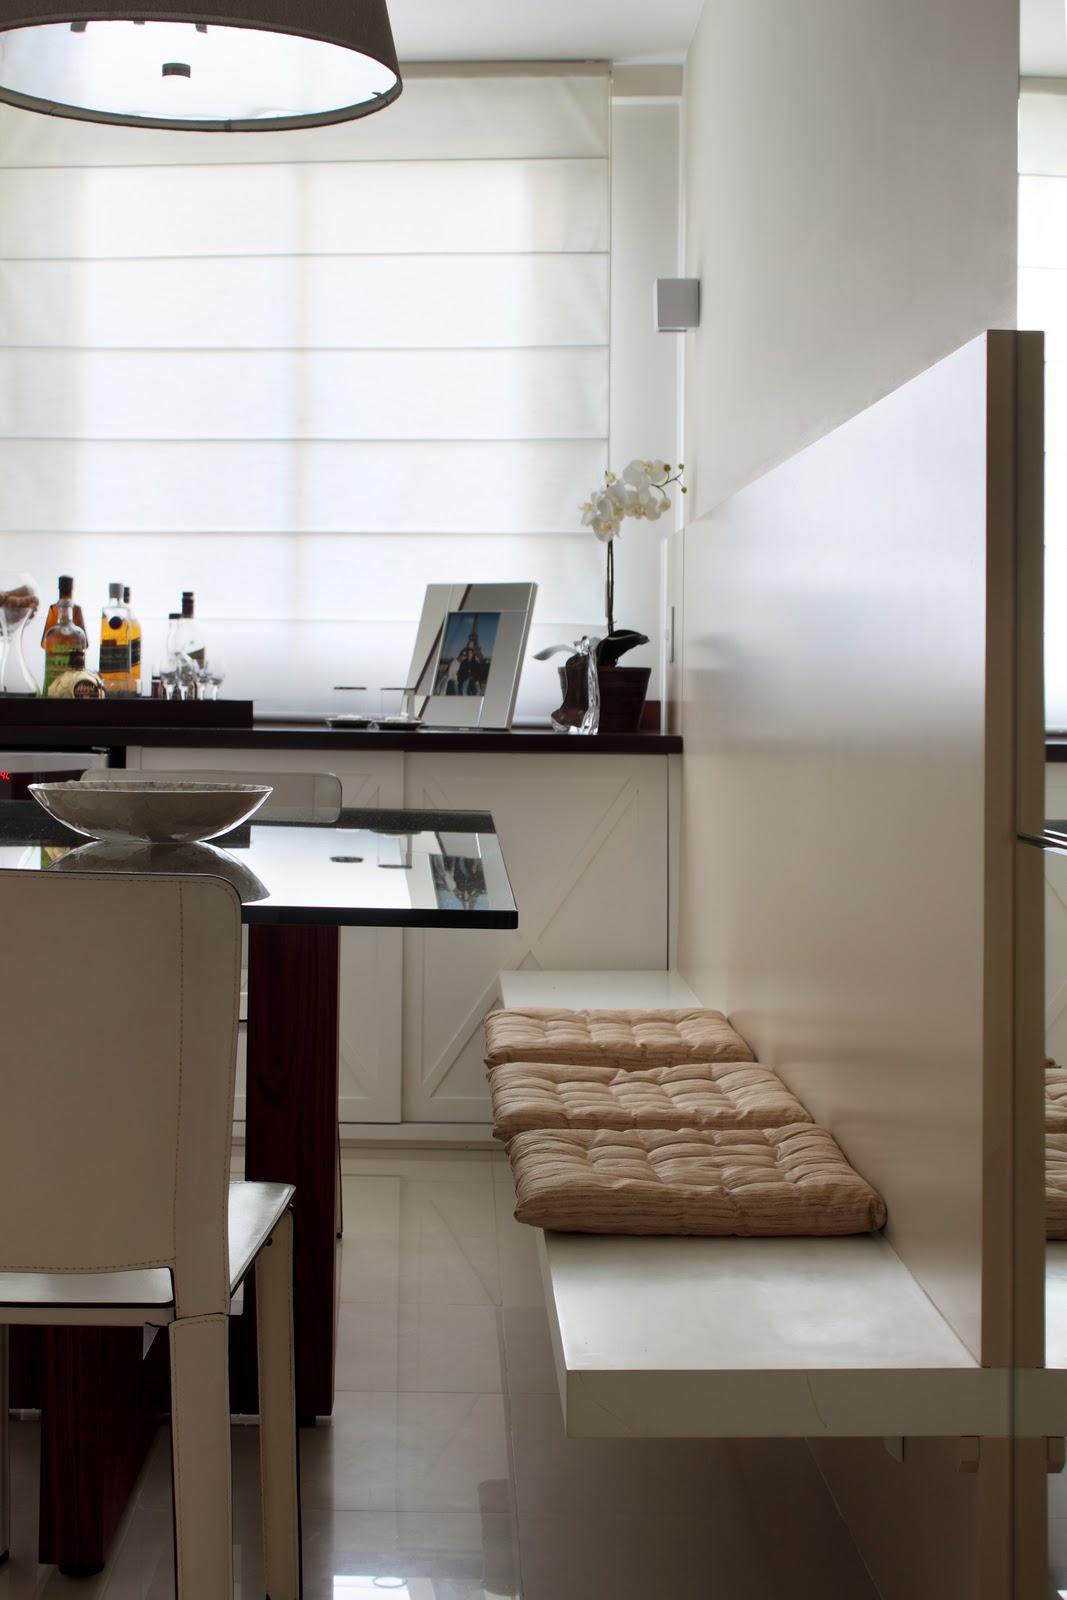 fixos de alvenaria junto a parede os assentos podem ser de madeira  #A67025 1067x1600